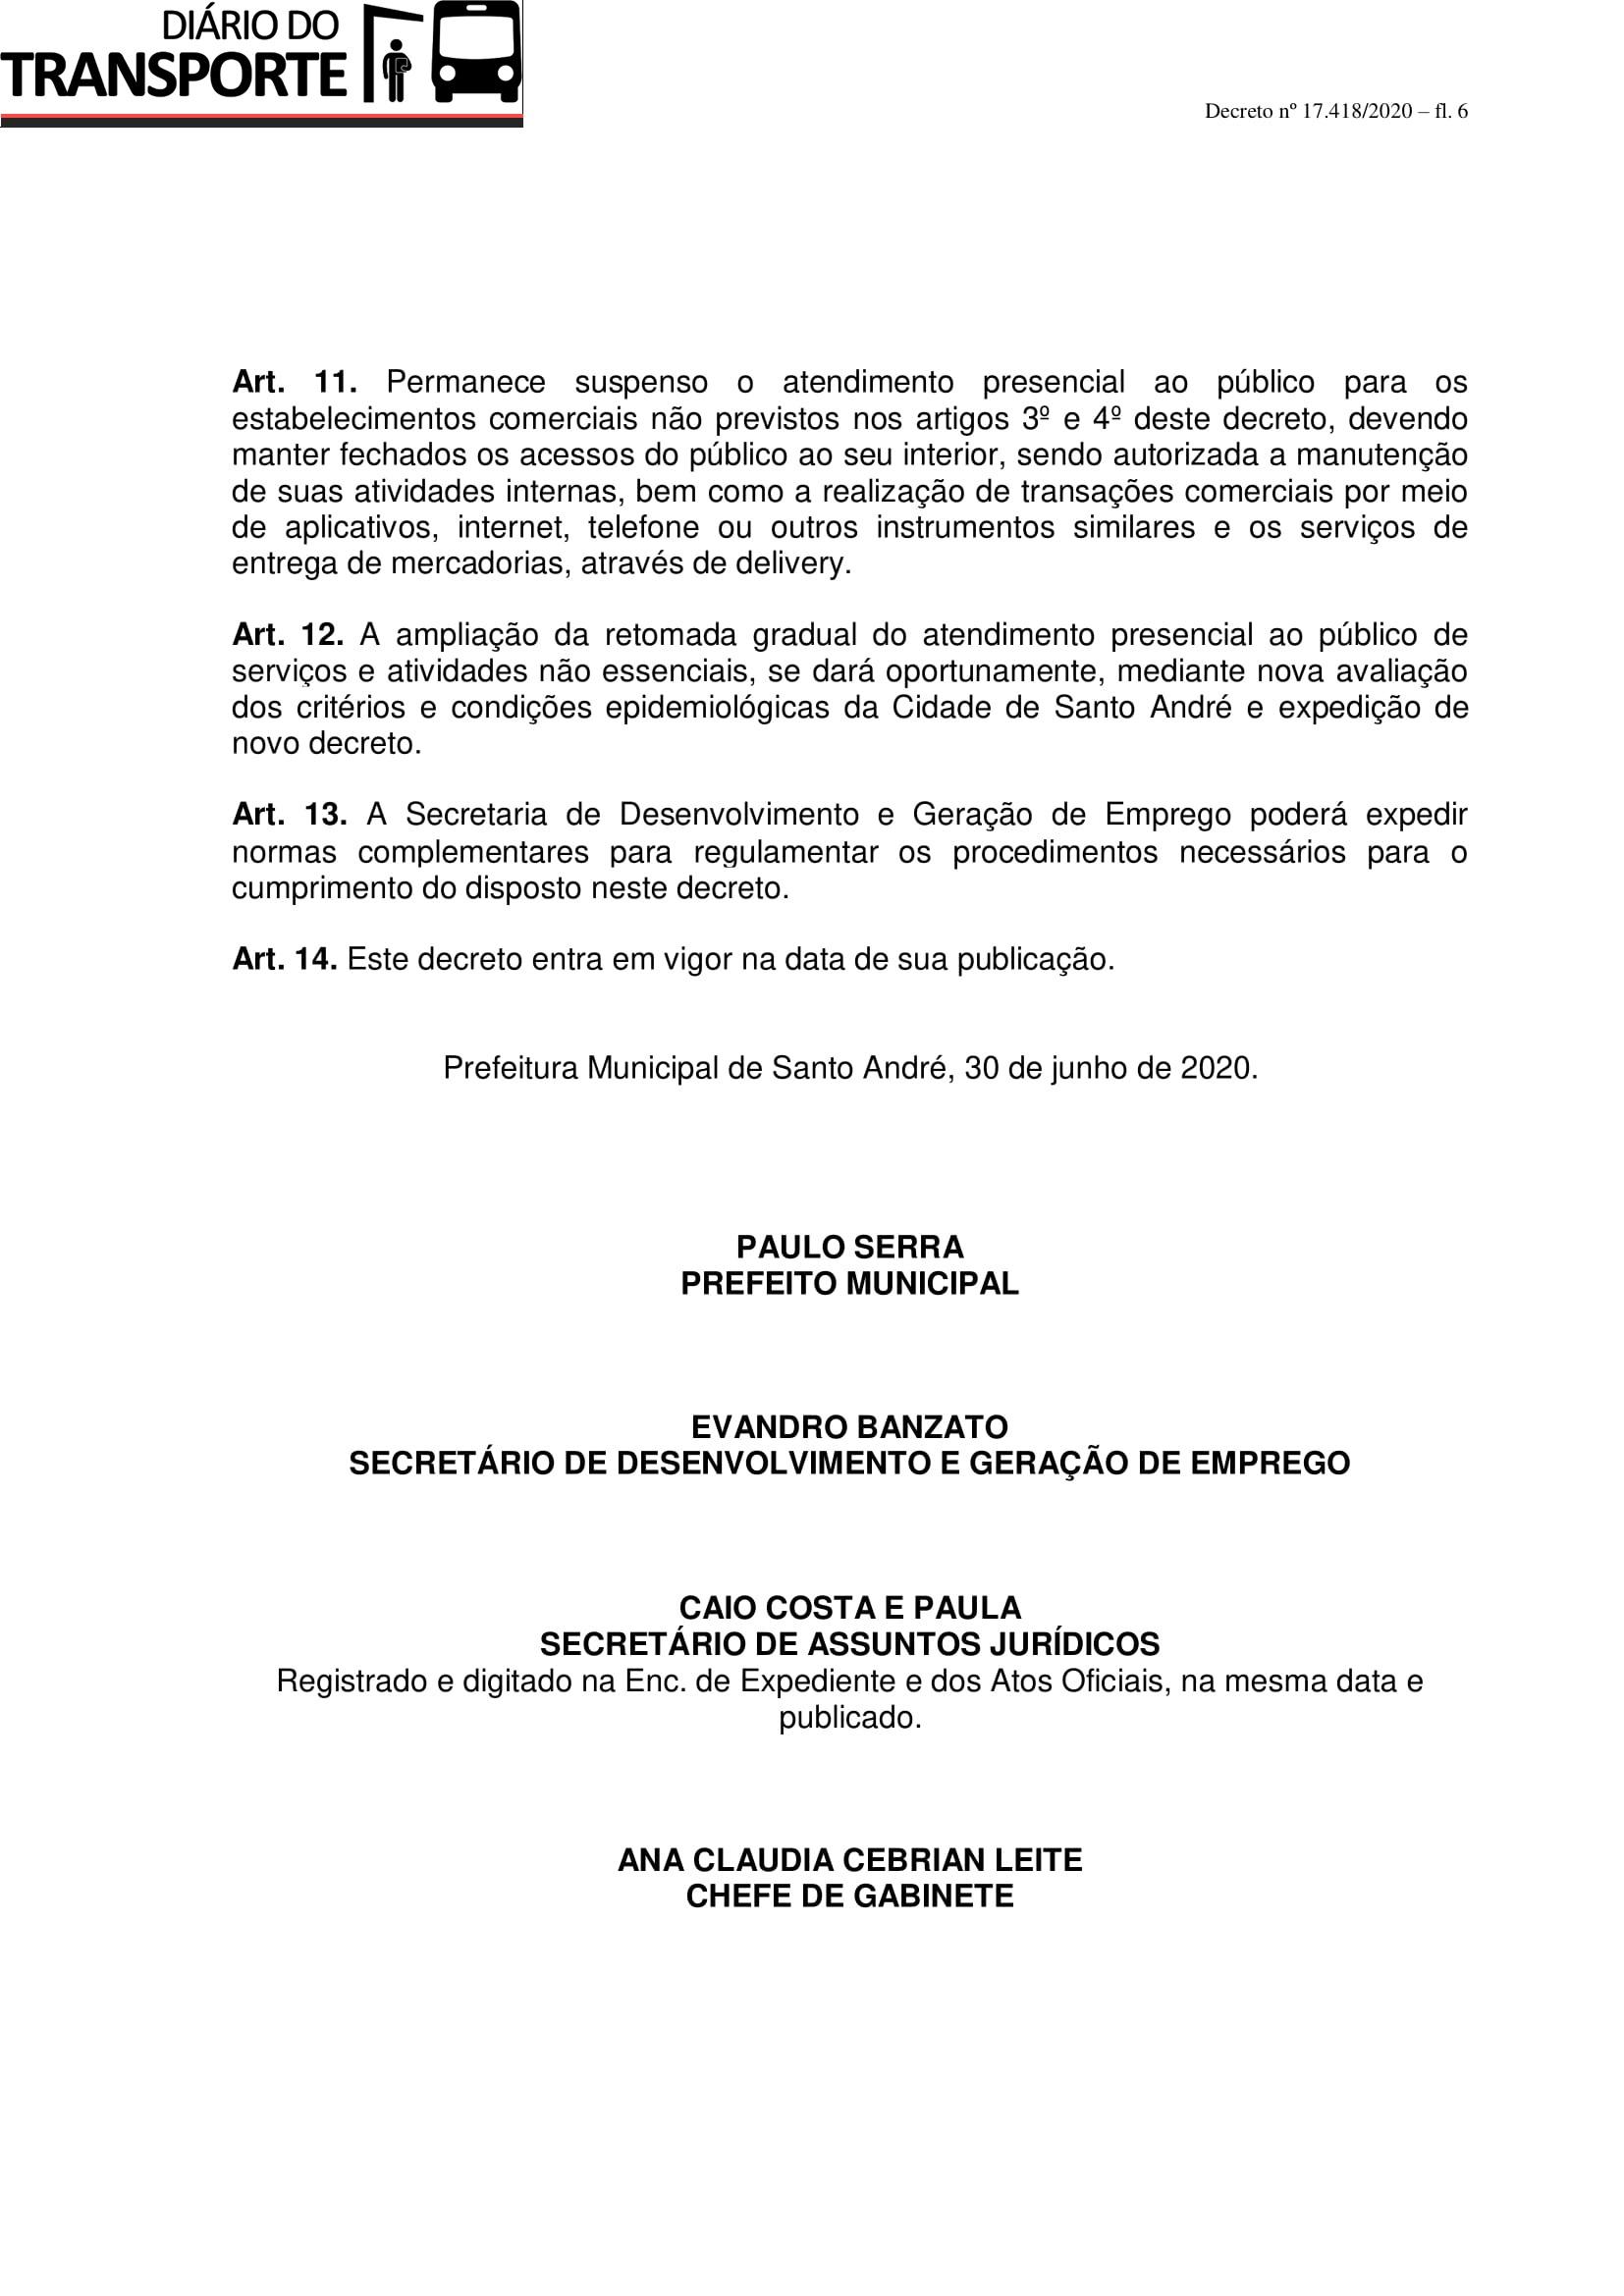 Decreto nº 17.418 (Retomada gradual e consciente da economia - fase amarela)-6